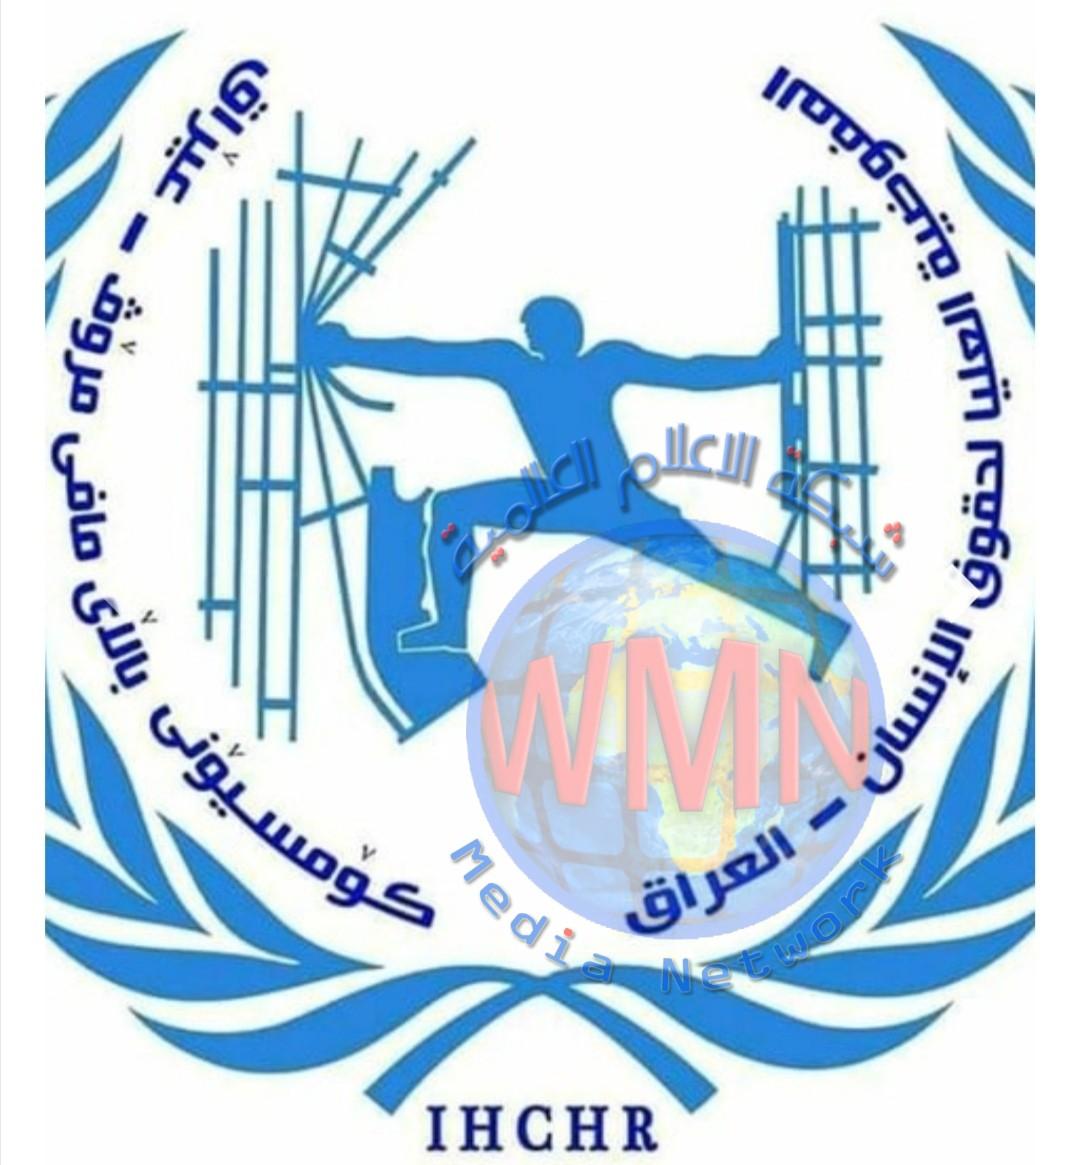 حقوق الانسان تحذر من استمرار تجاهل مطالبات حملة الشهادات العليا واستخدام العنف ضدهم